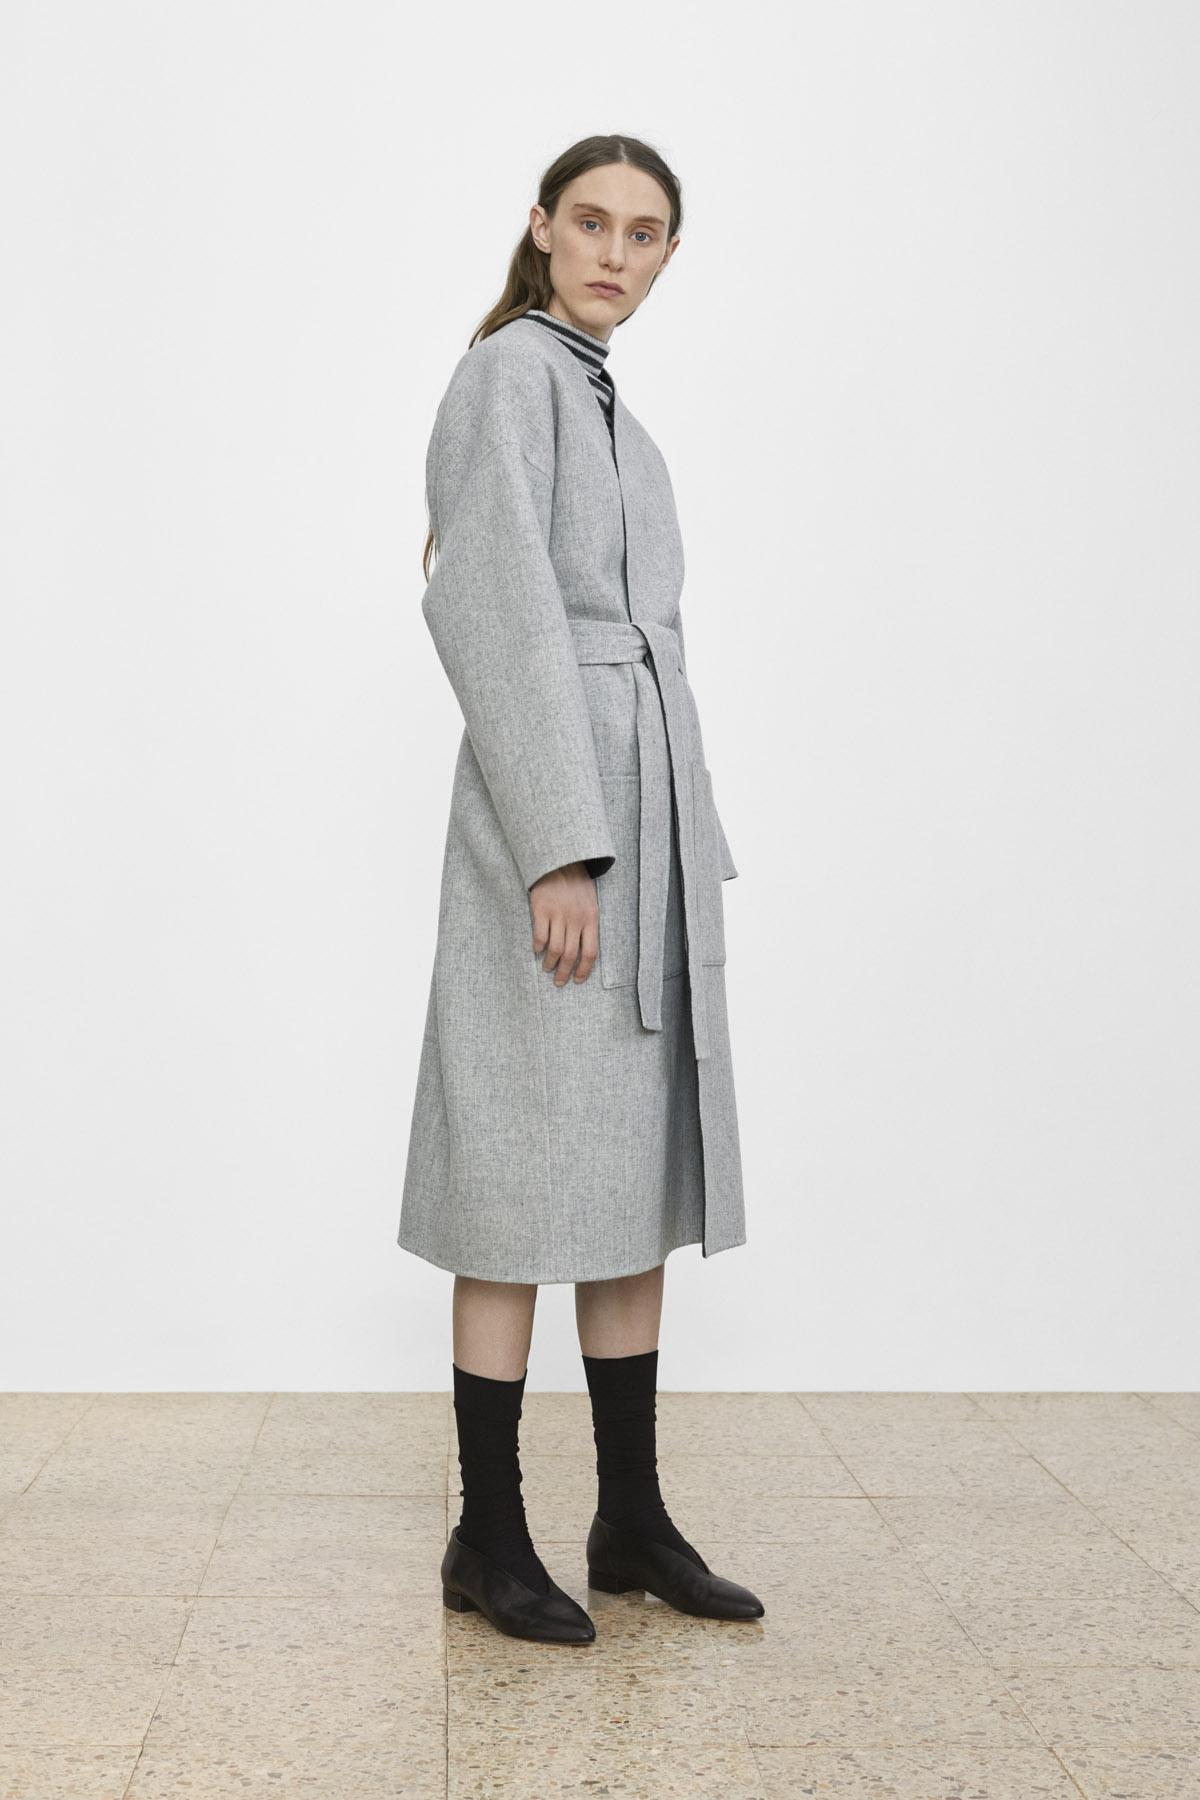 <b>12</b><br>Kira Striped Wool Top<br>Amara Reversible Coat